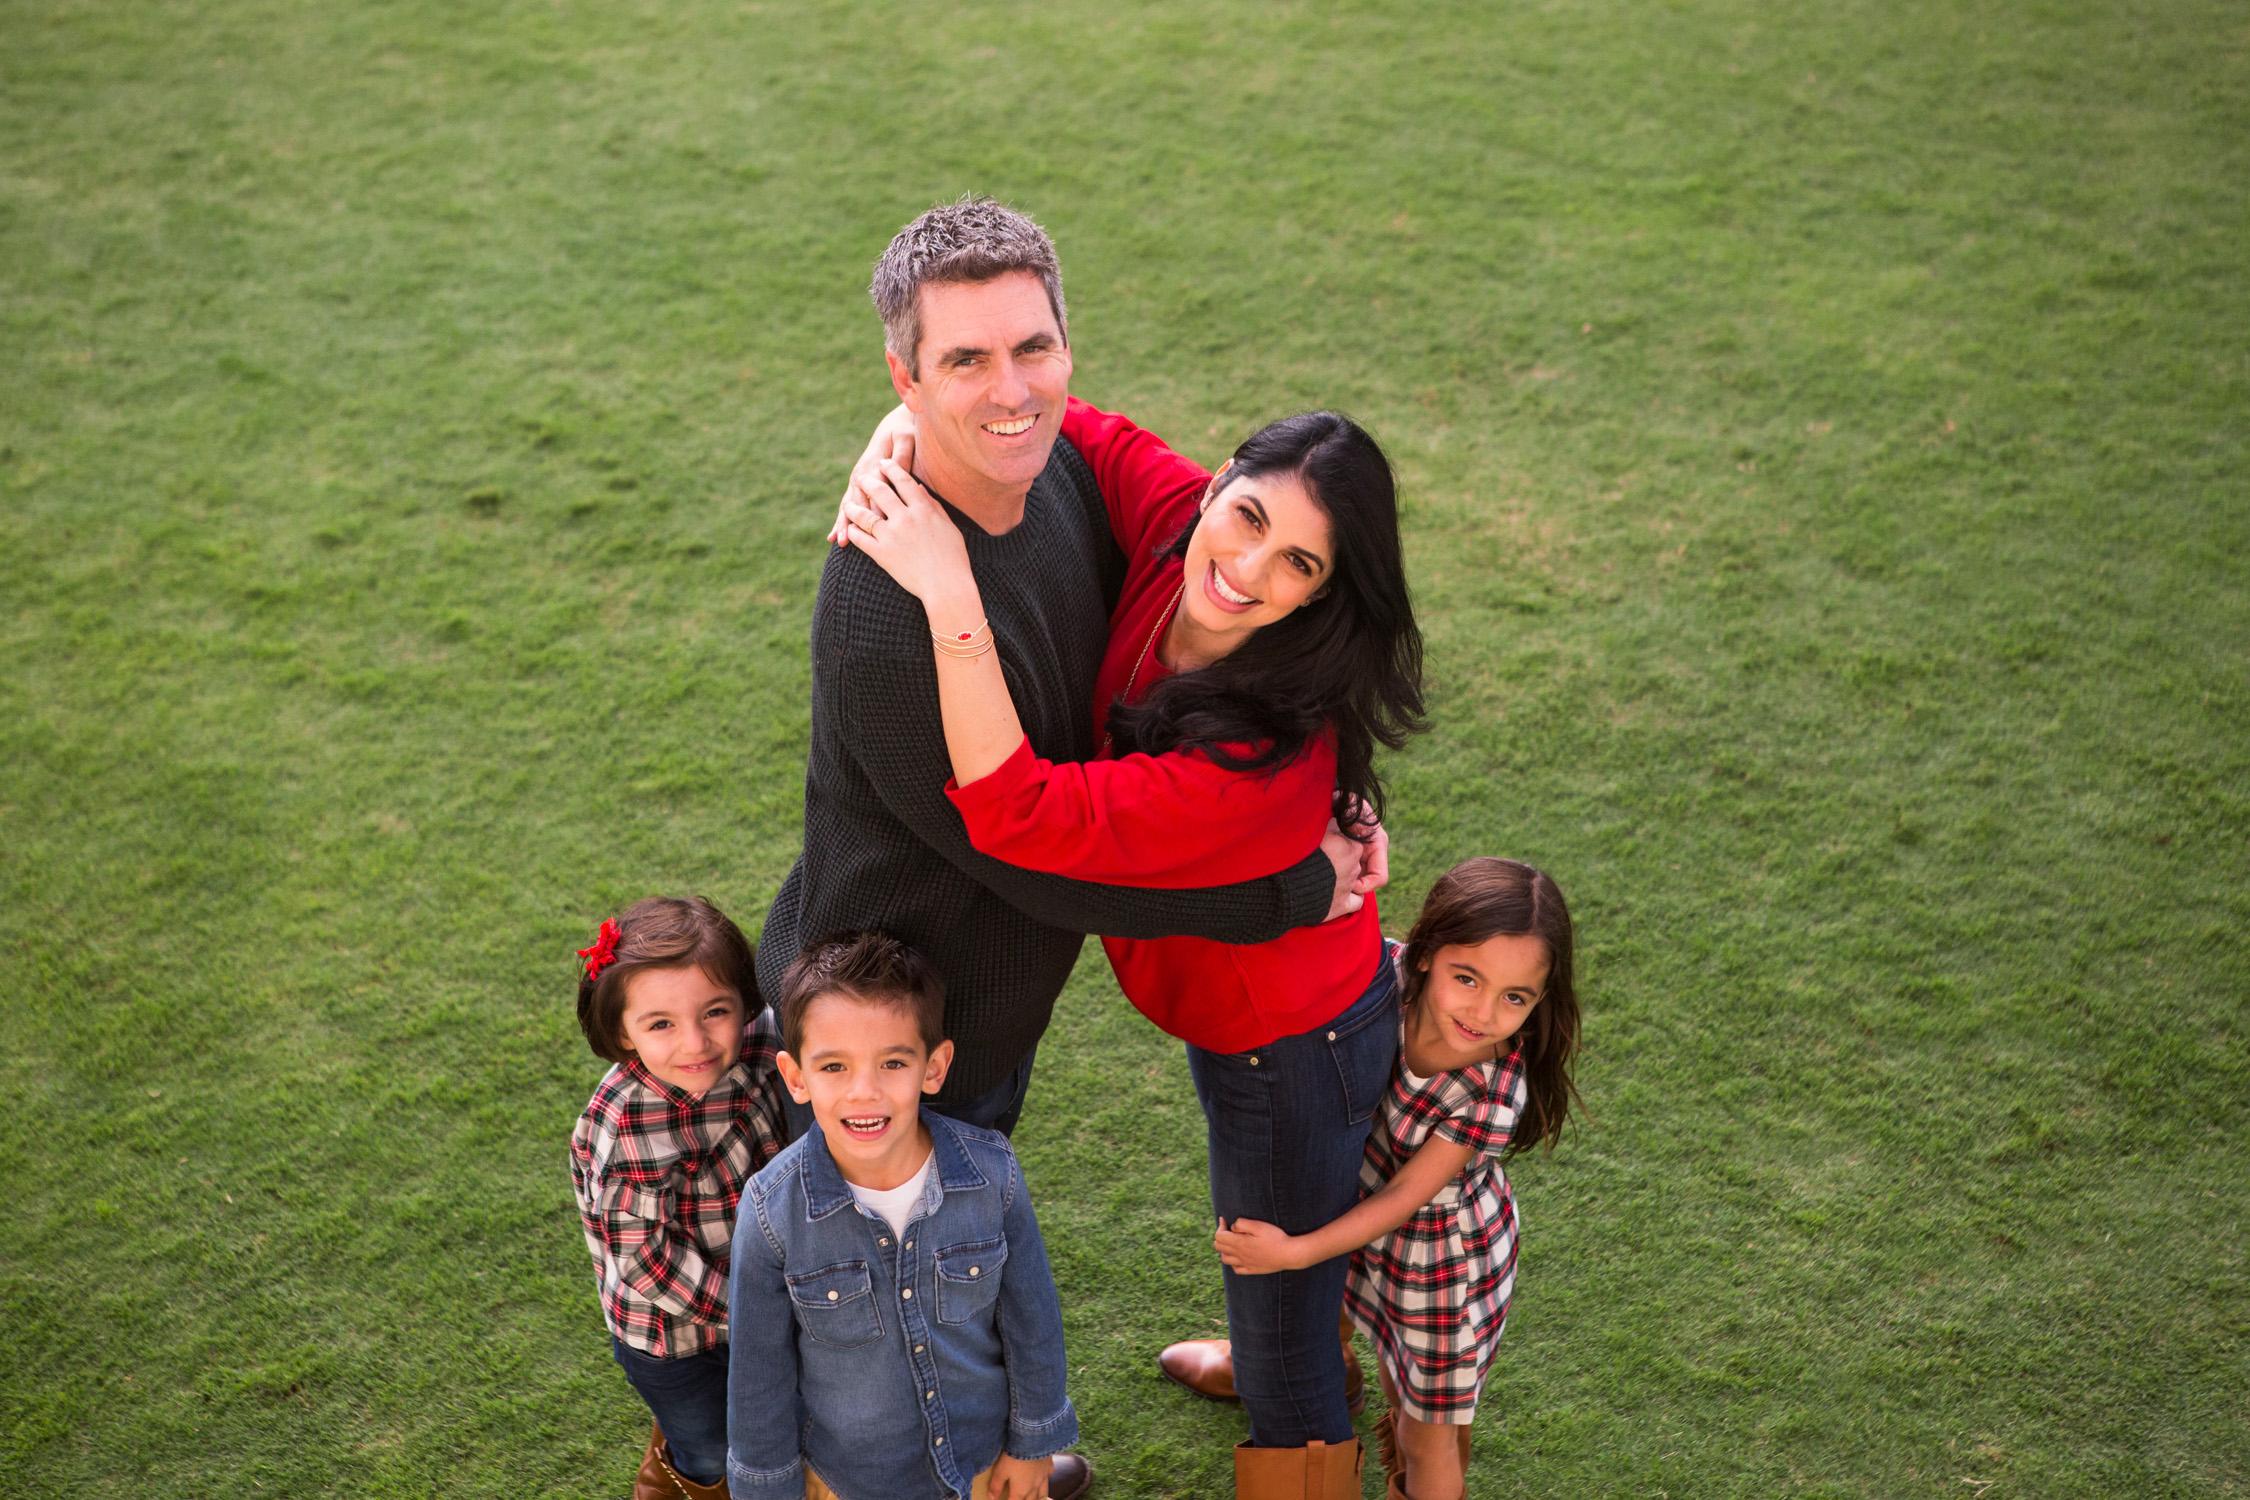 pam_family-8.jpg